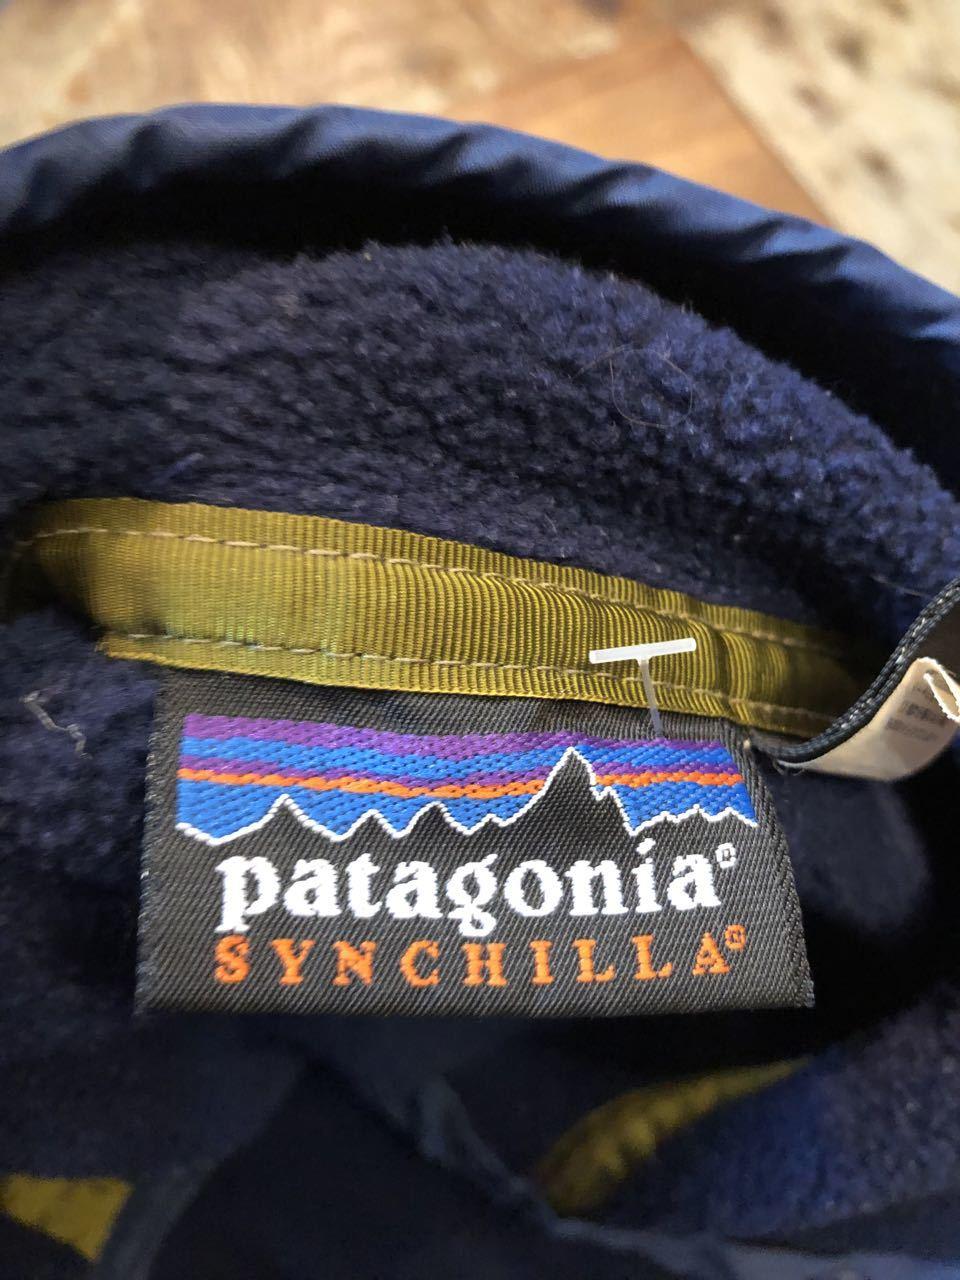 10/5(土)入荷!98年 MADE IN U.S.A パタゴニア シンチラ PATAGONIA スナップT_c0144020_16583869.jpg